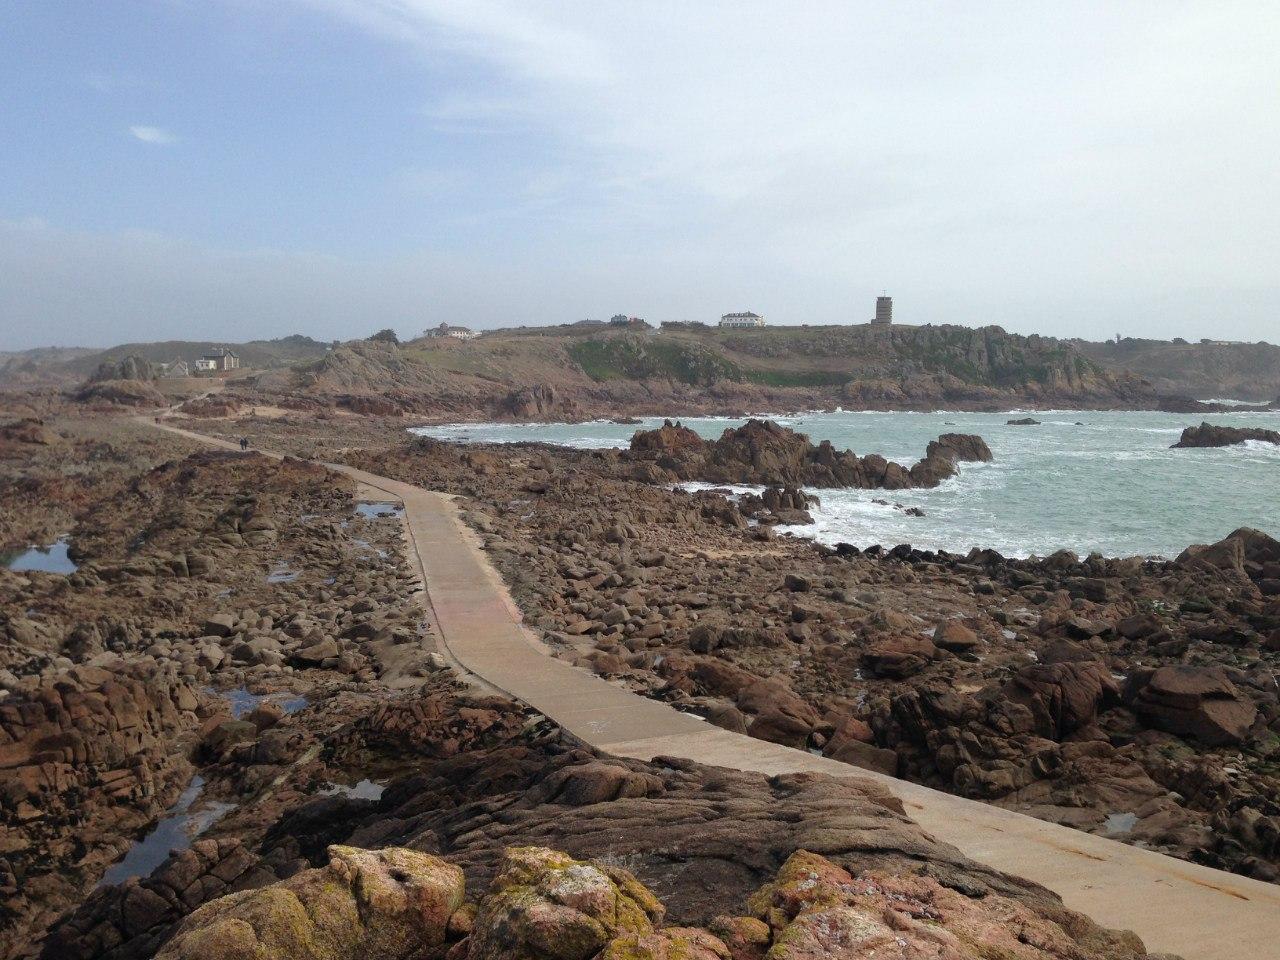 Дорога во время отлива, вид со стороны маяка